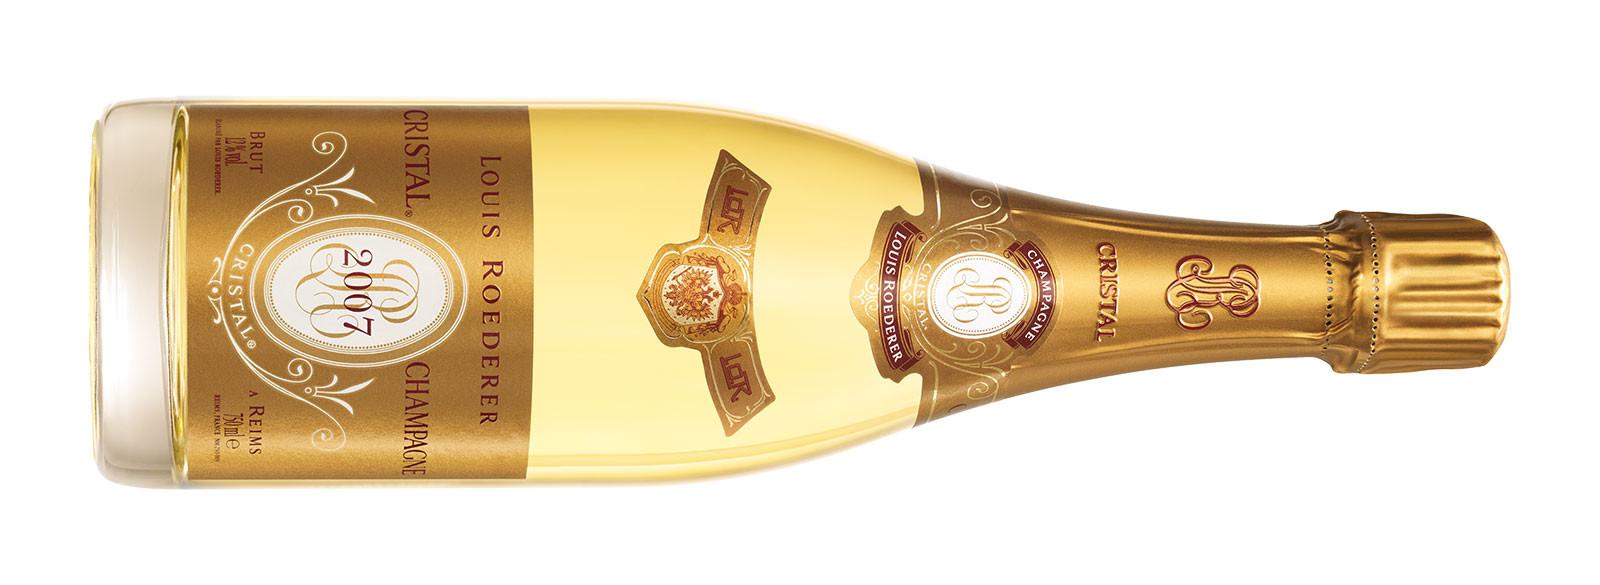 La sorprendente historia del champagne Roederer Cristal